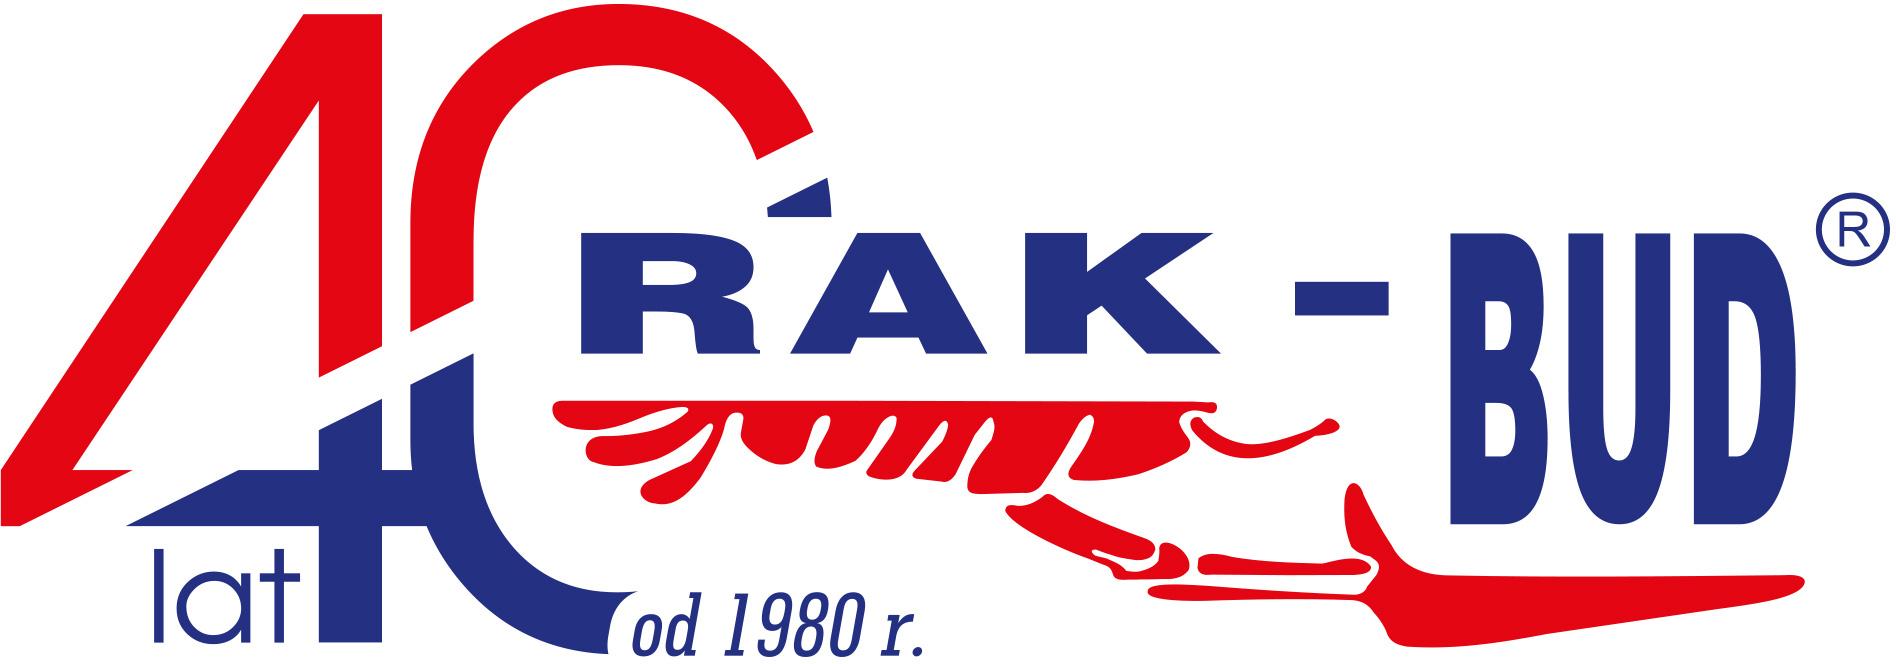 rakbud logo